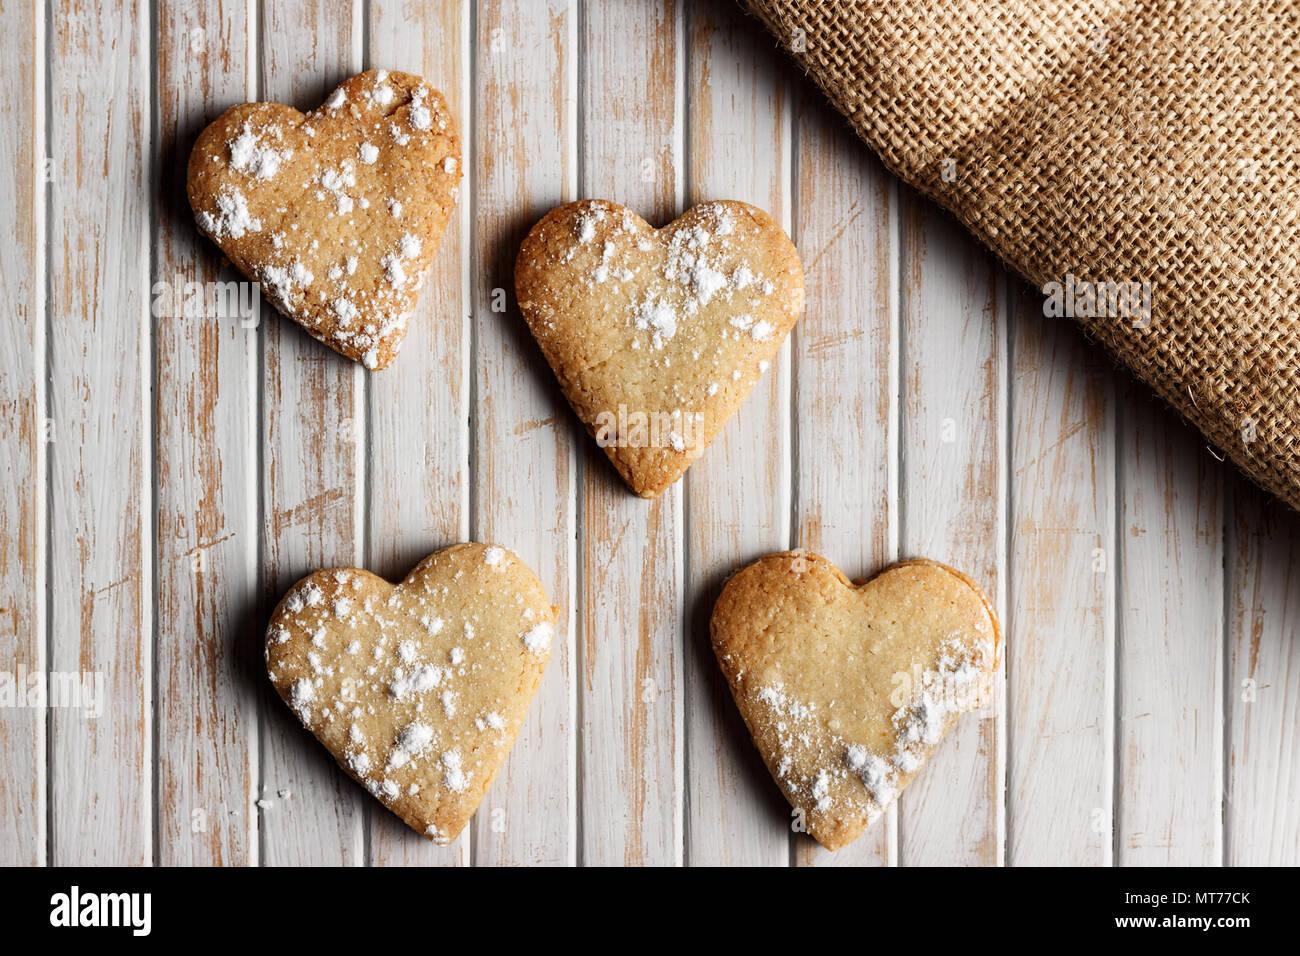 Deliziosa fatta in casa a forma di cuore i cookie spolverati con zucchero a velo in una tavola di legno. L'immagine orizzontale visto da sopra. Immagini Stock